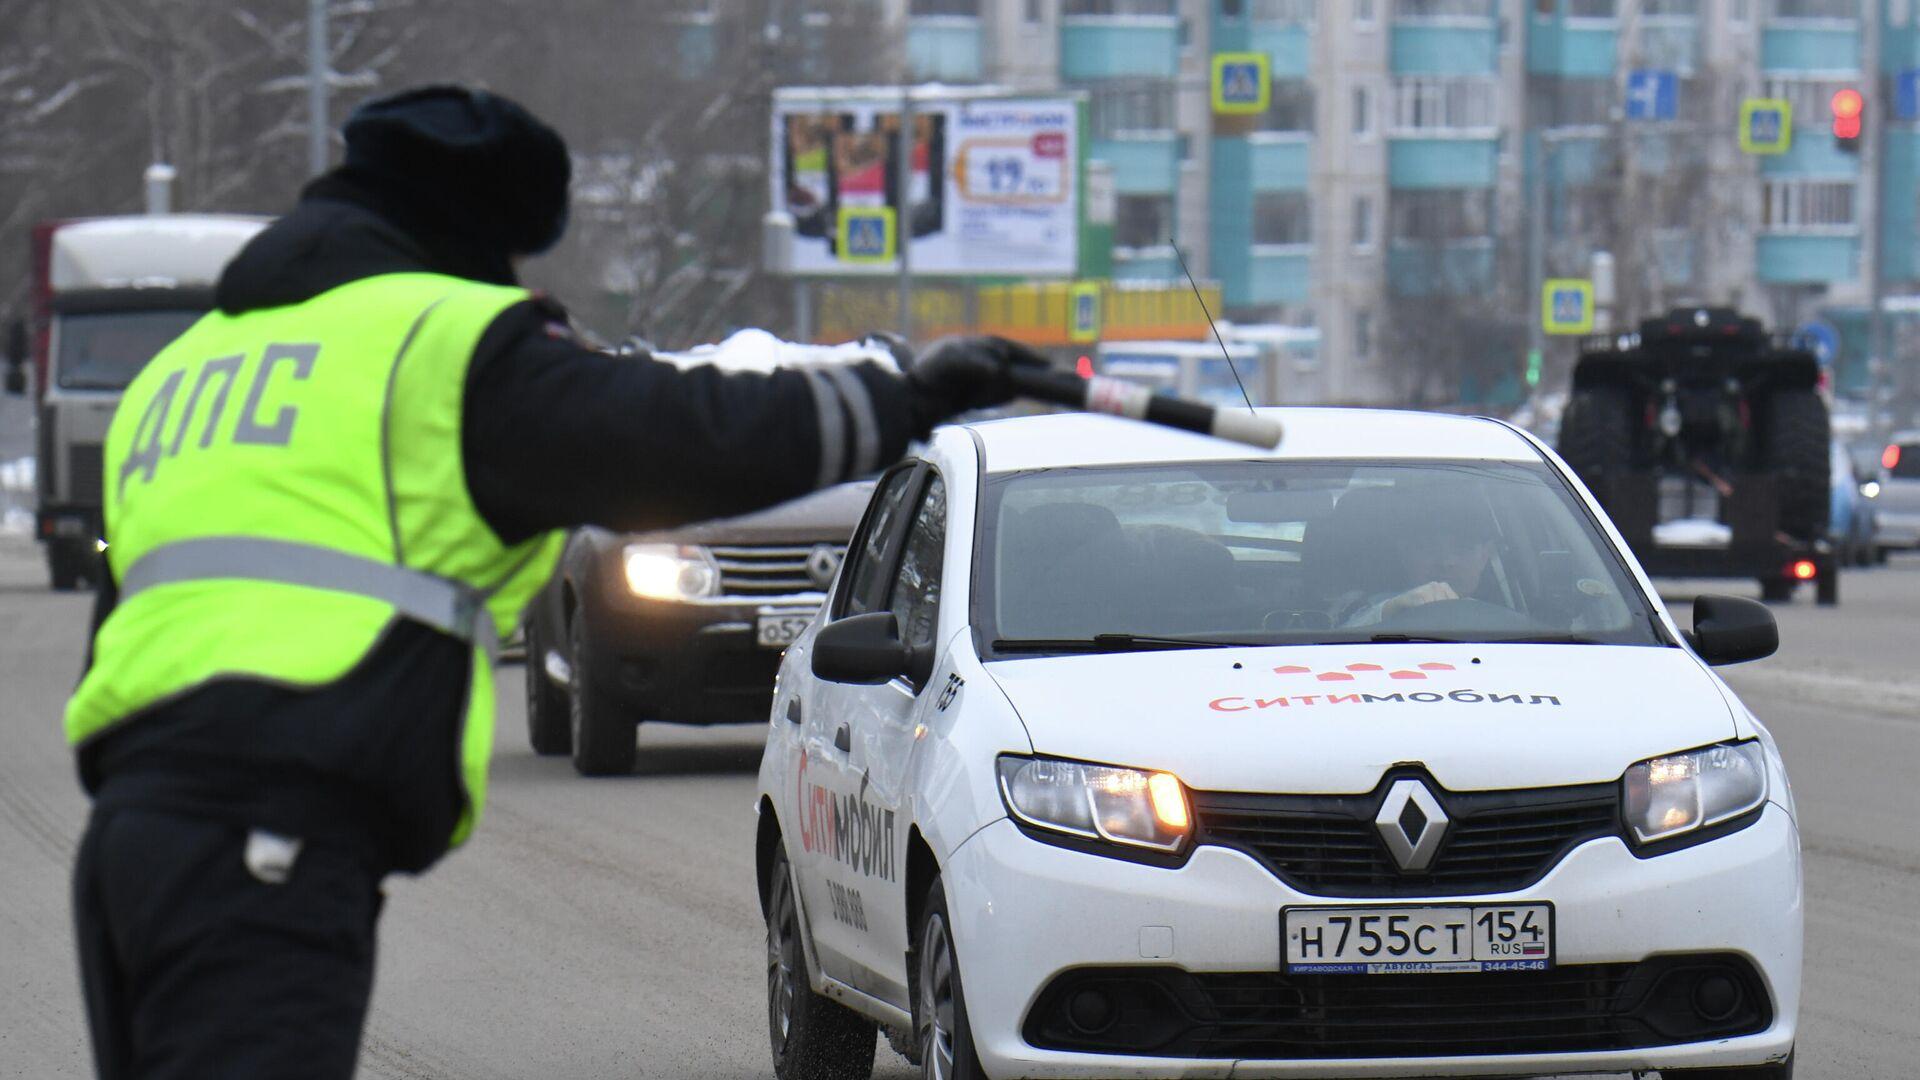 Сотрудник ДПС ГИБДД во время проверки соблюдения масочного режима водителями такси в Новосибирске - РИА Новости, 1920, 10.01.2021